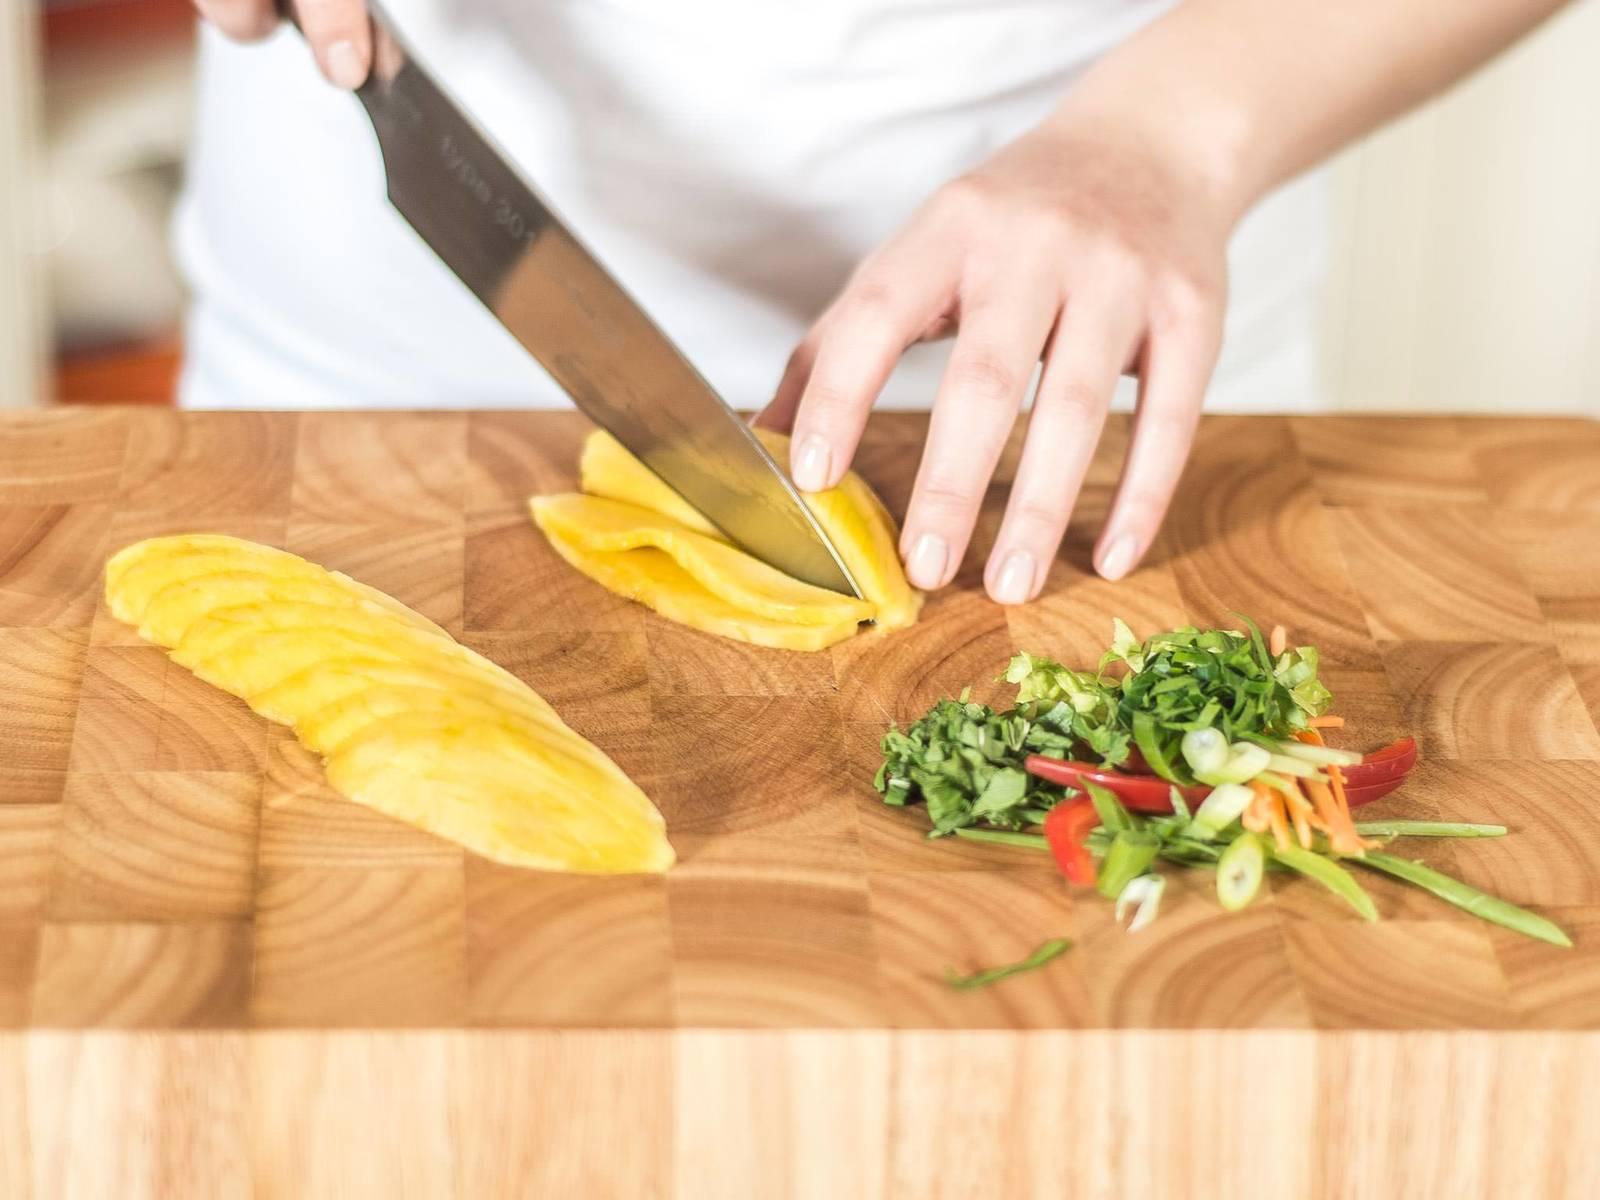 Karotte, Salat, Kaiserschoten, Frühlingszwiebel, Sellerie, Paprika, Minze und Petersilie jeweils in feine Streifen schneiden. Mango schälen, vom Kern befreien und in Scheiben schneiden.